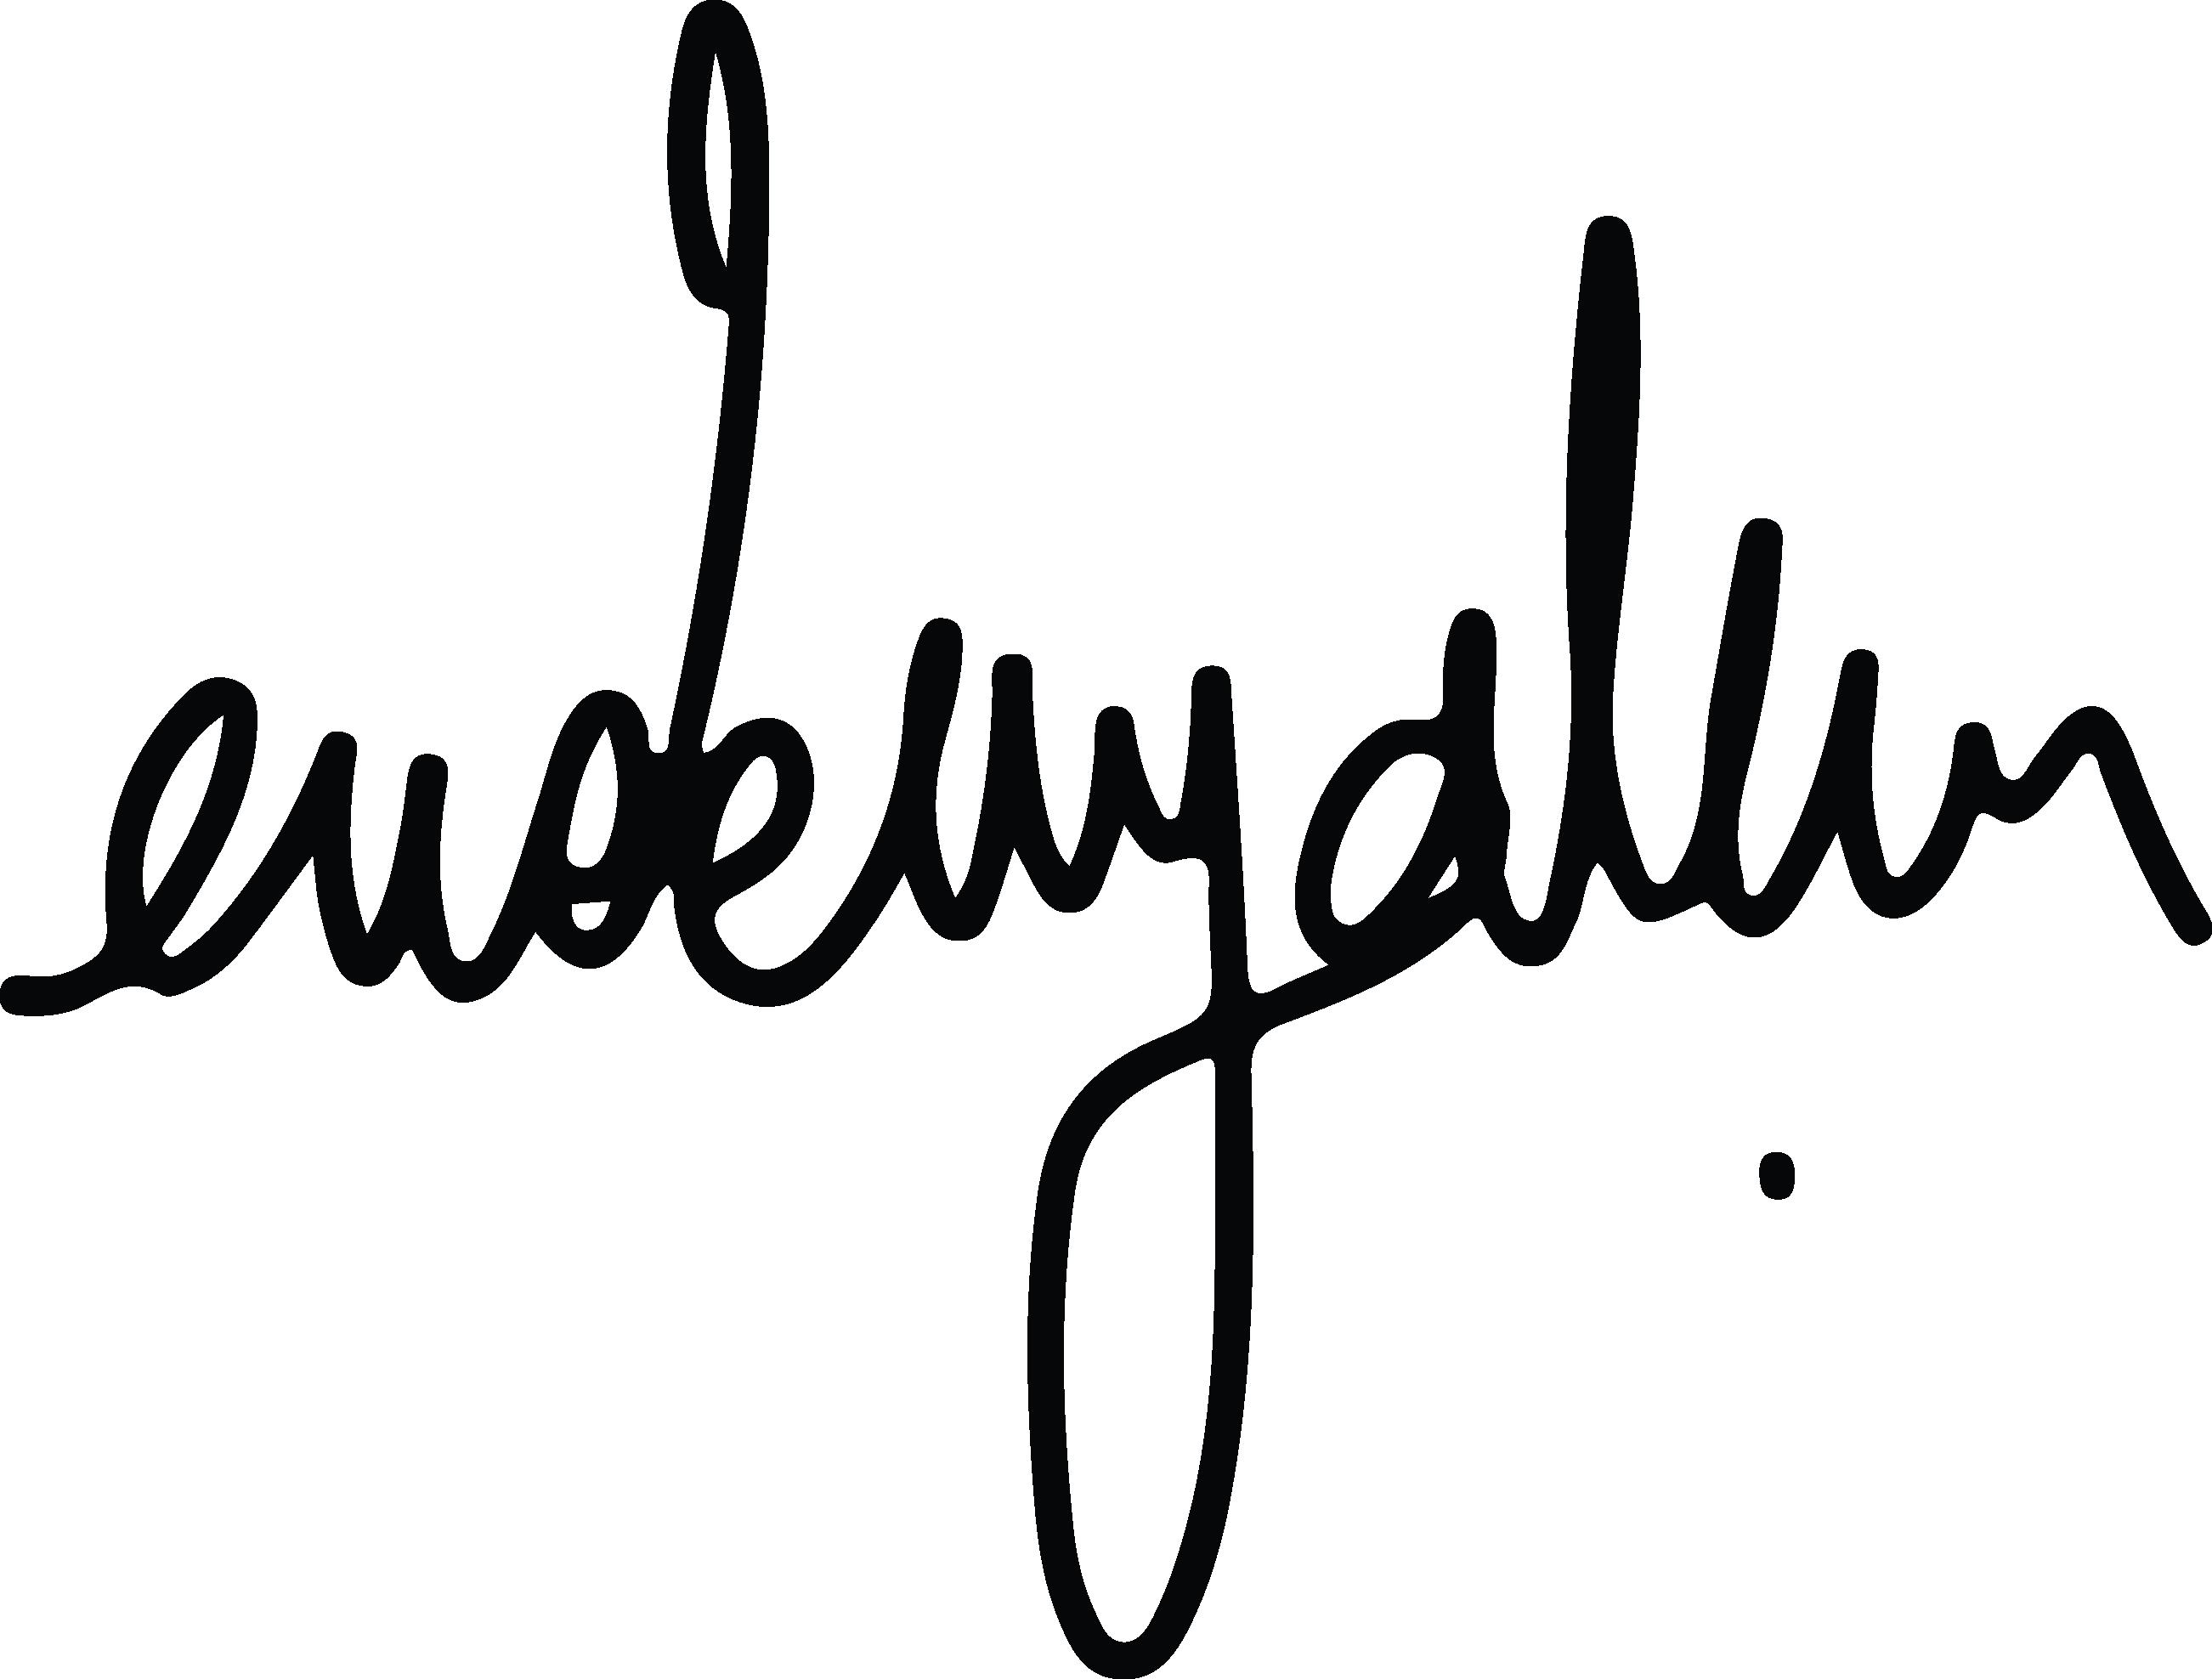 Erdem yalçın's Signature